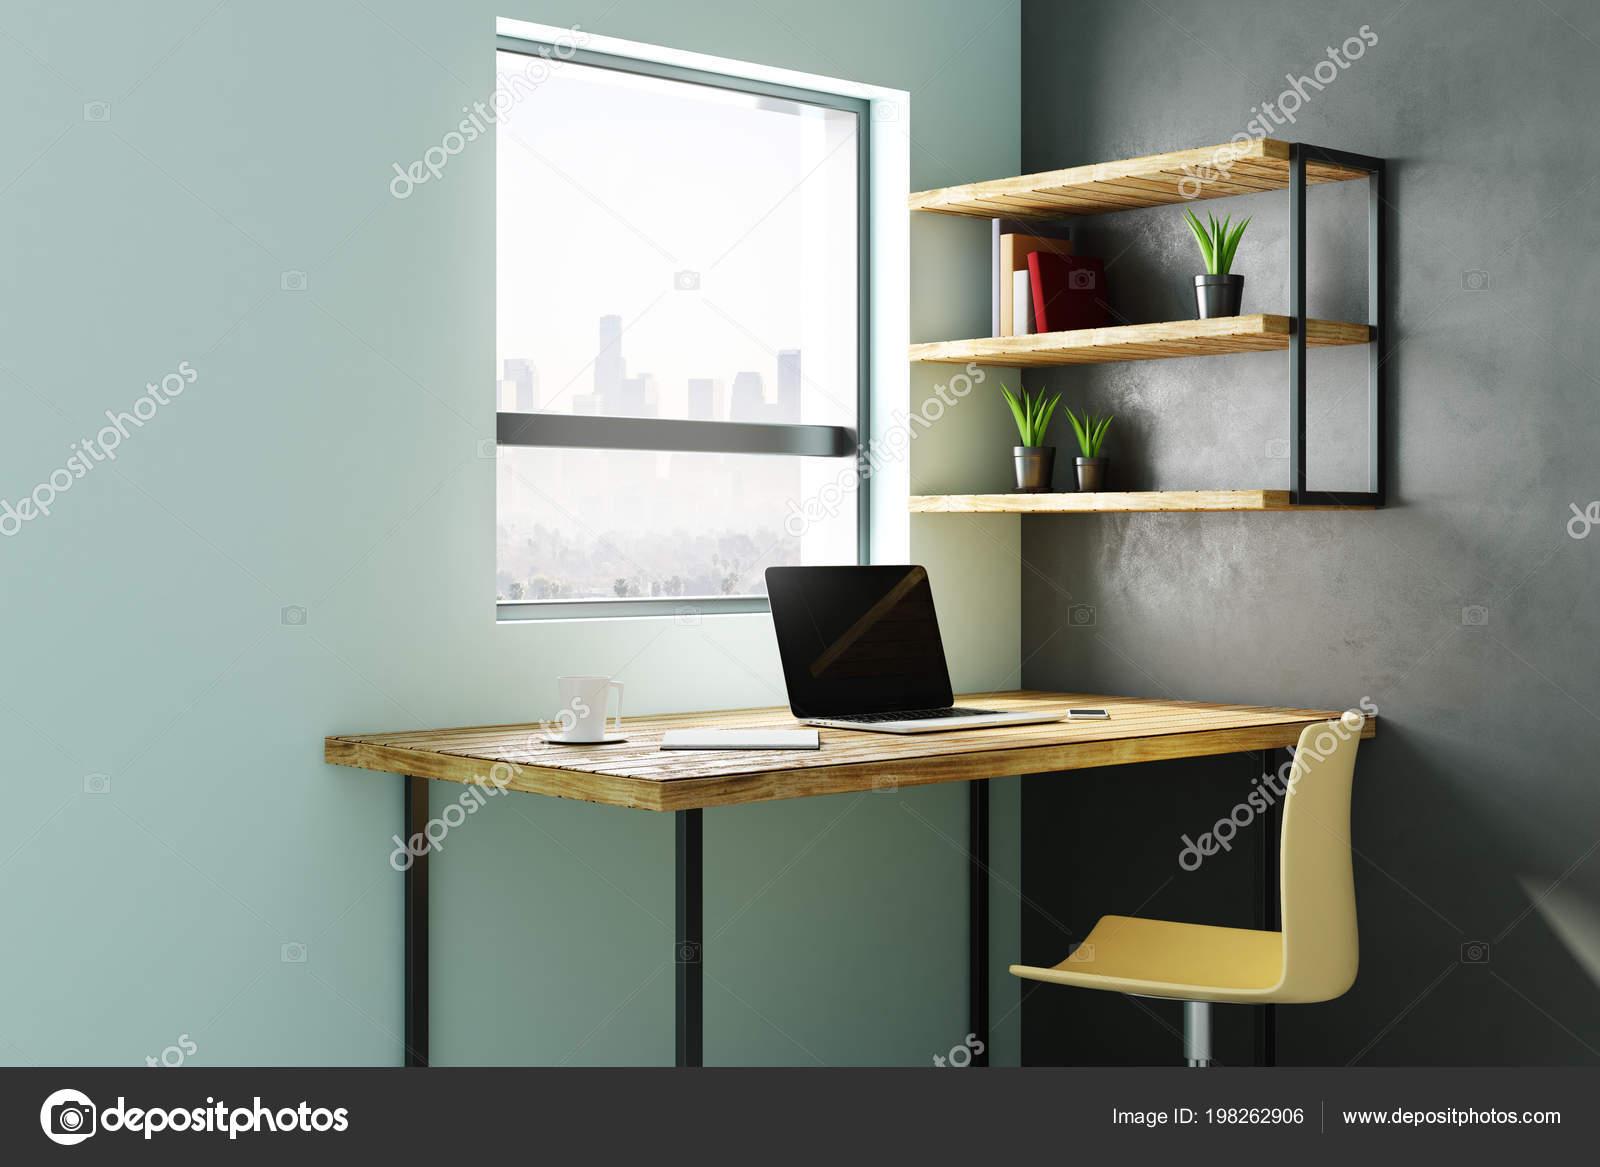 Intérieur bureau maison moderne avec milieu travail ordinateur